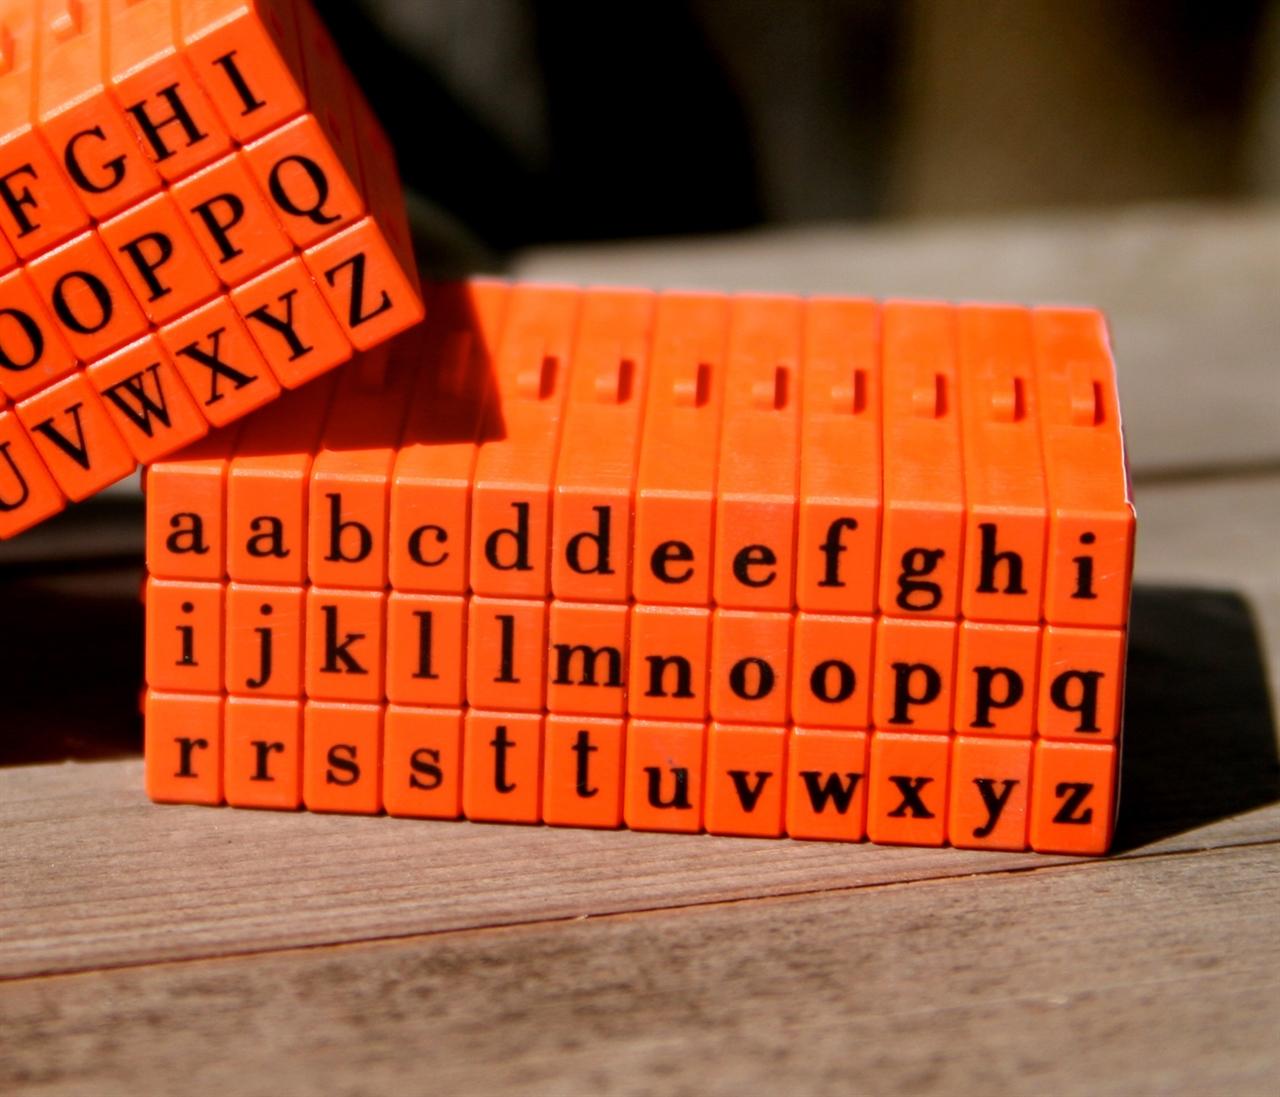 Masonrow Pegz Lowercase Clickable Letterz